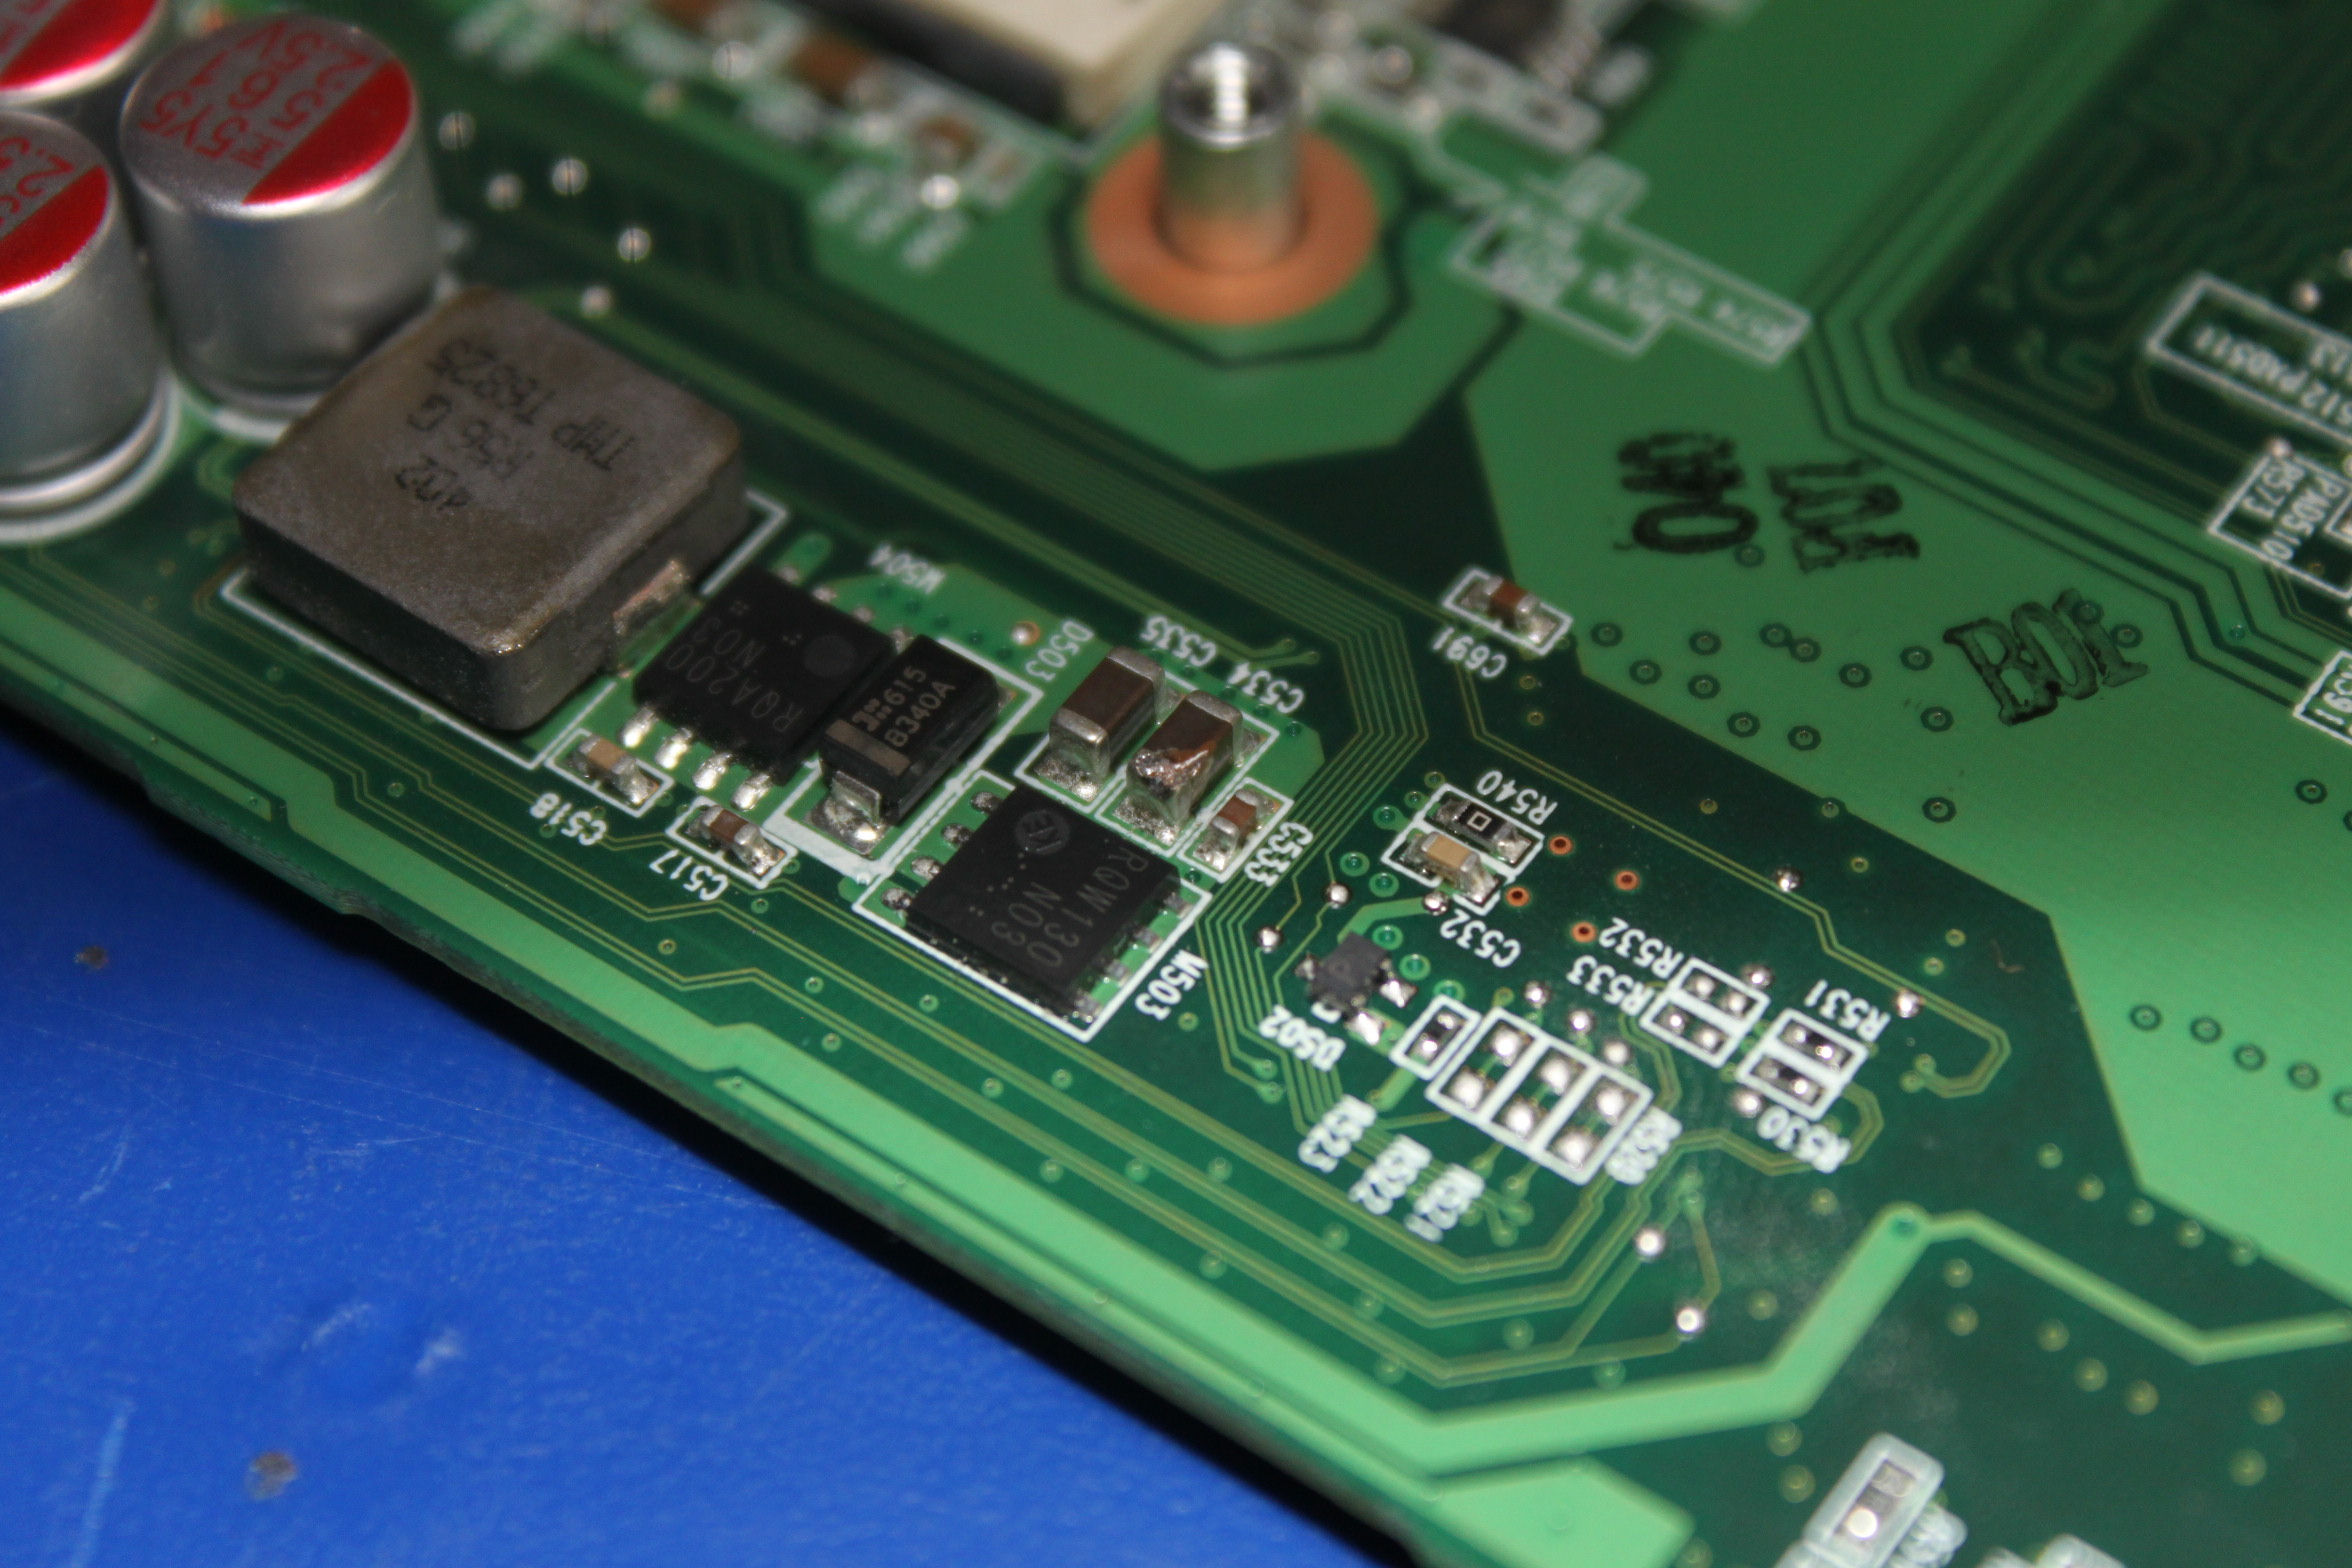 MEDION RAM2080 - Zwarty kondensator - pro�ba o identyfikacj�.